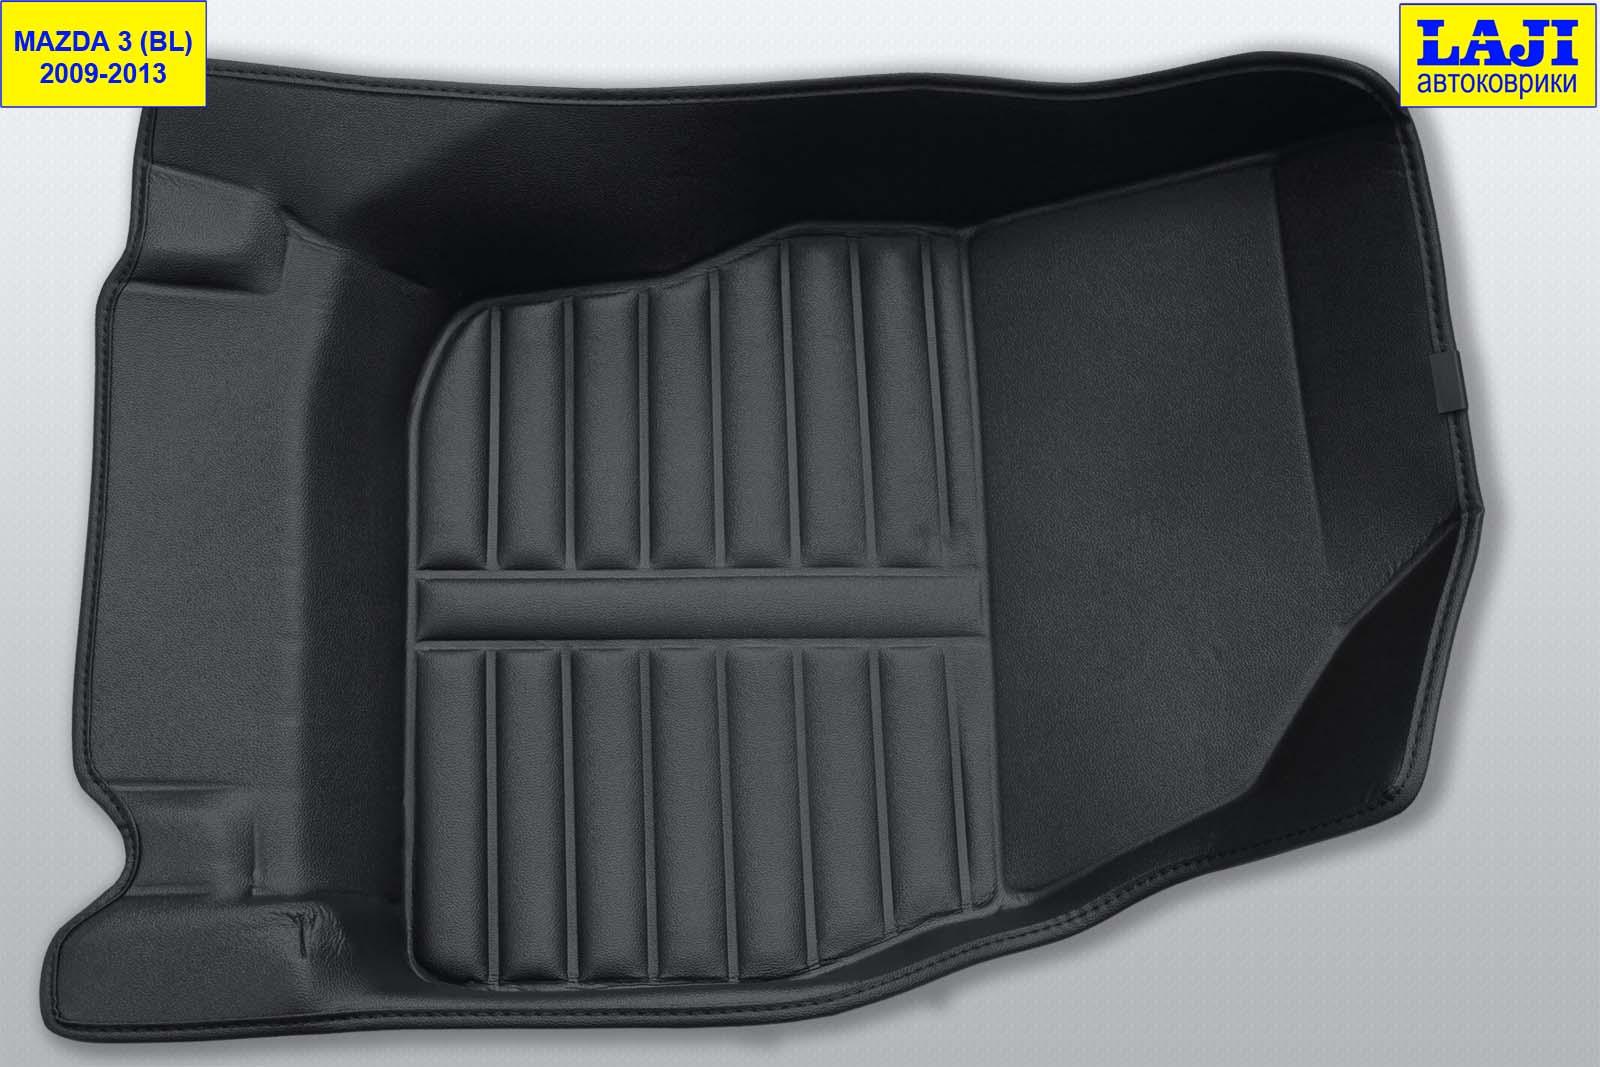 5D коврики в салон Mazda 3 BL 2009-2013 4